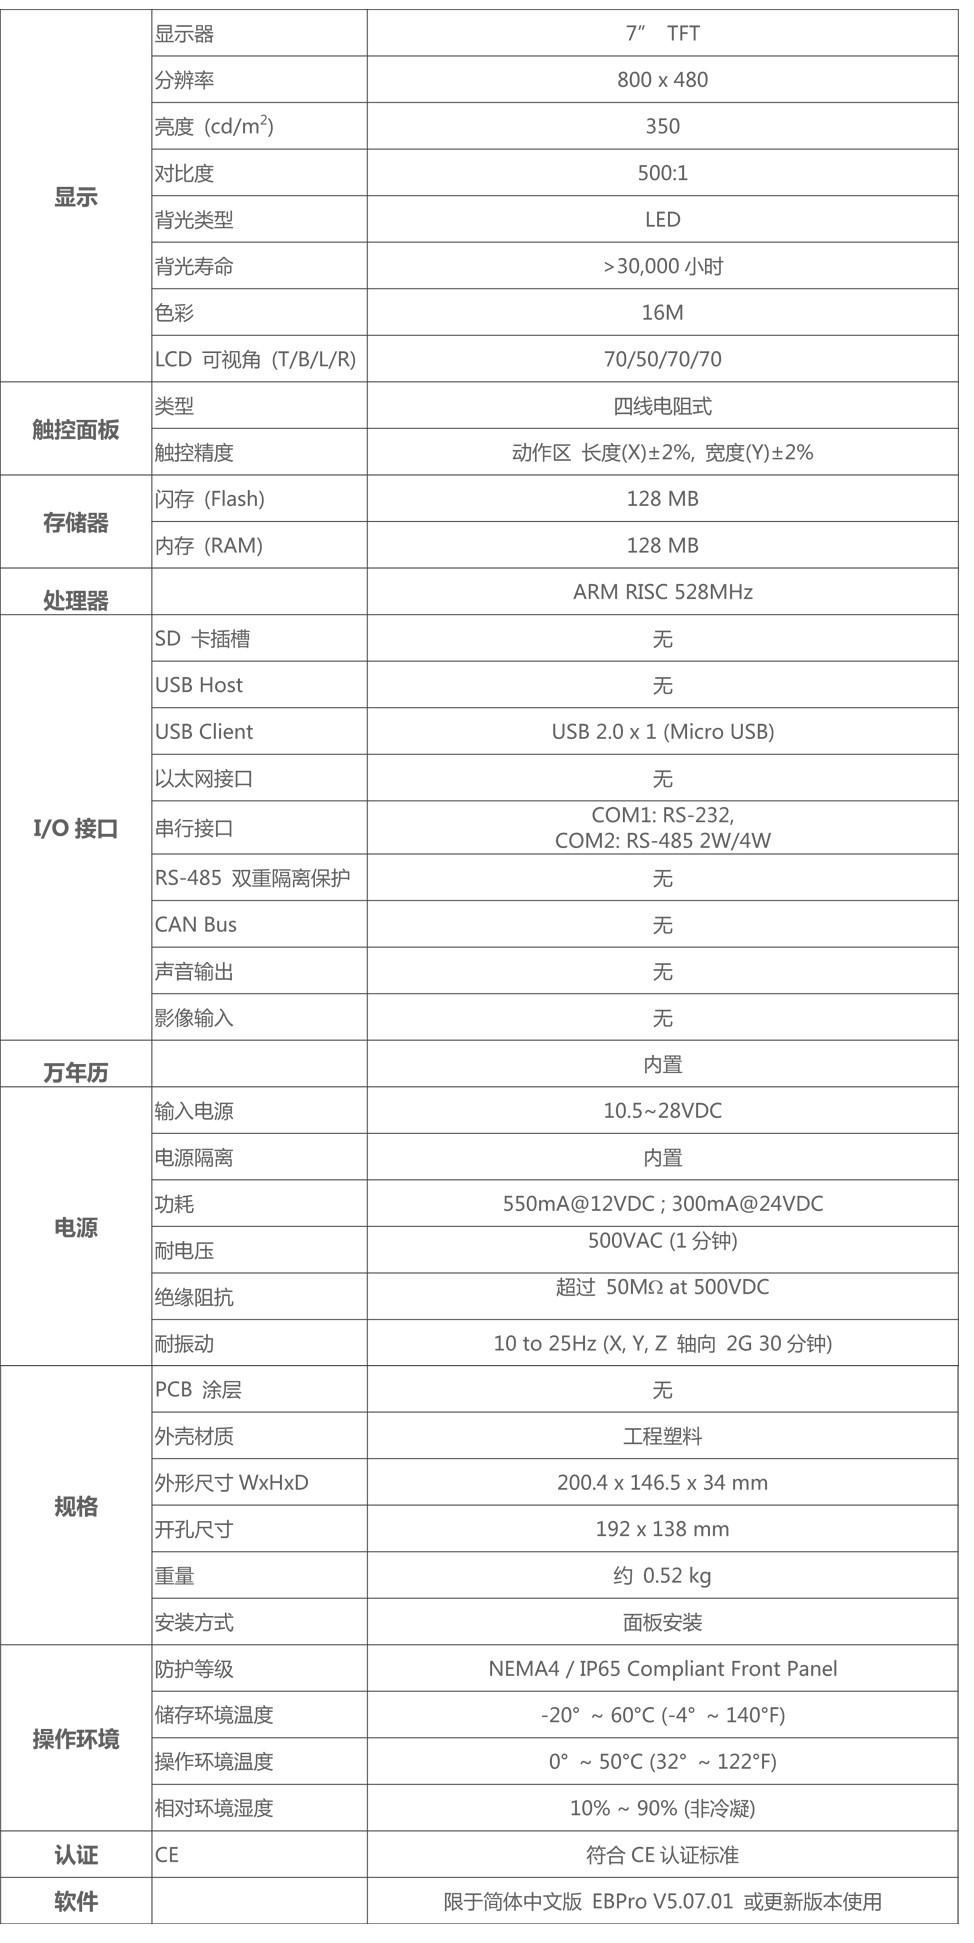 威纶触摸屏TK6071IP新产品上市 TK6071IP支持300种不同plc通讯